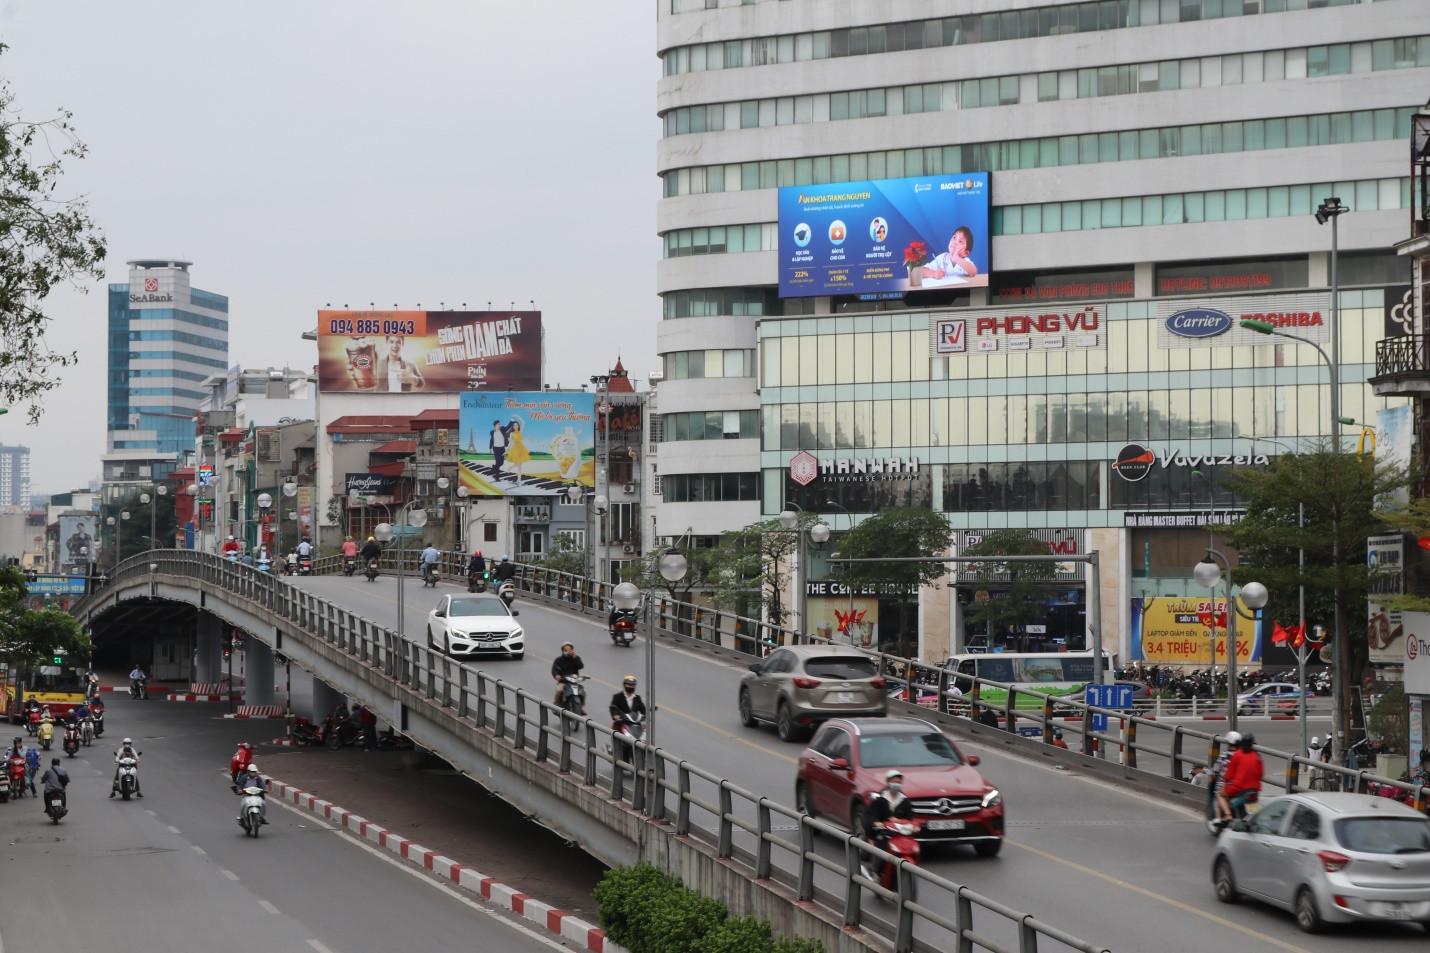 Quảng cáo thương hiệu bằng màn hình led tại Ngã tư Hai Bà Trưng